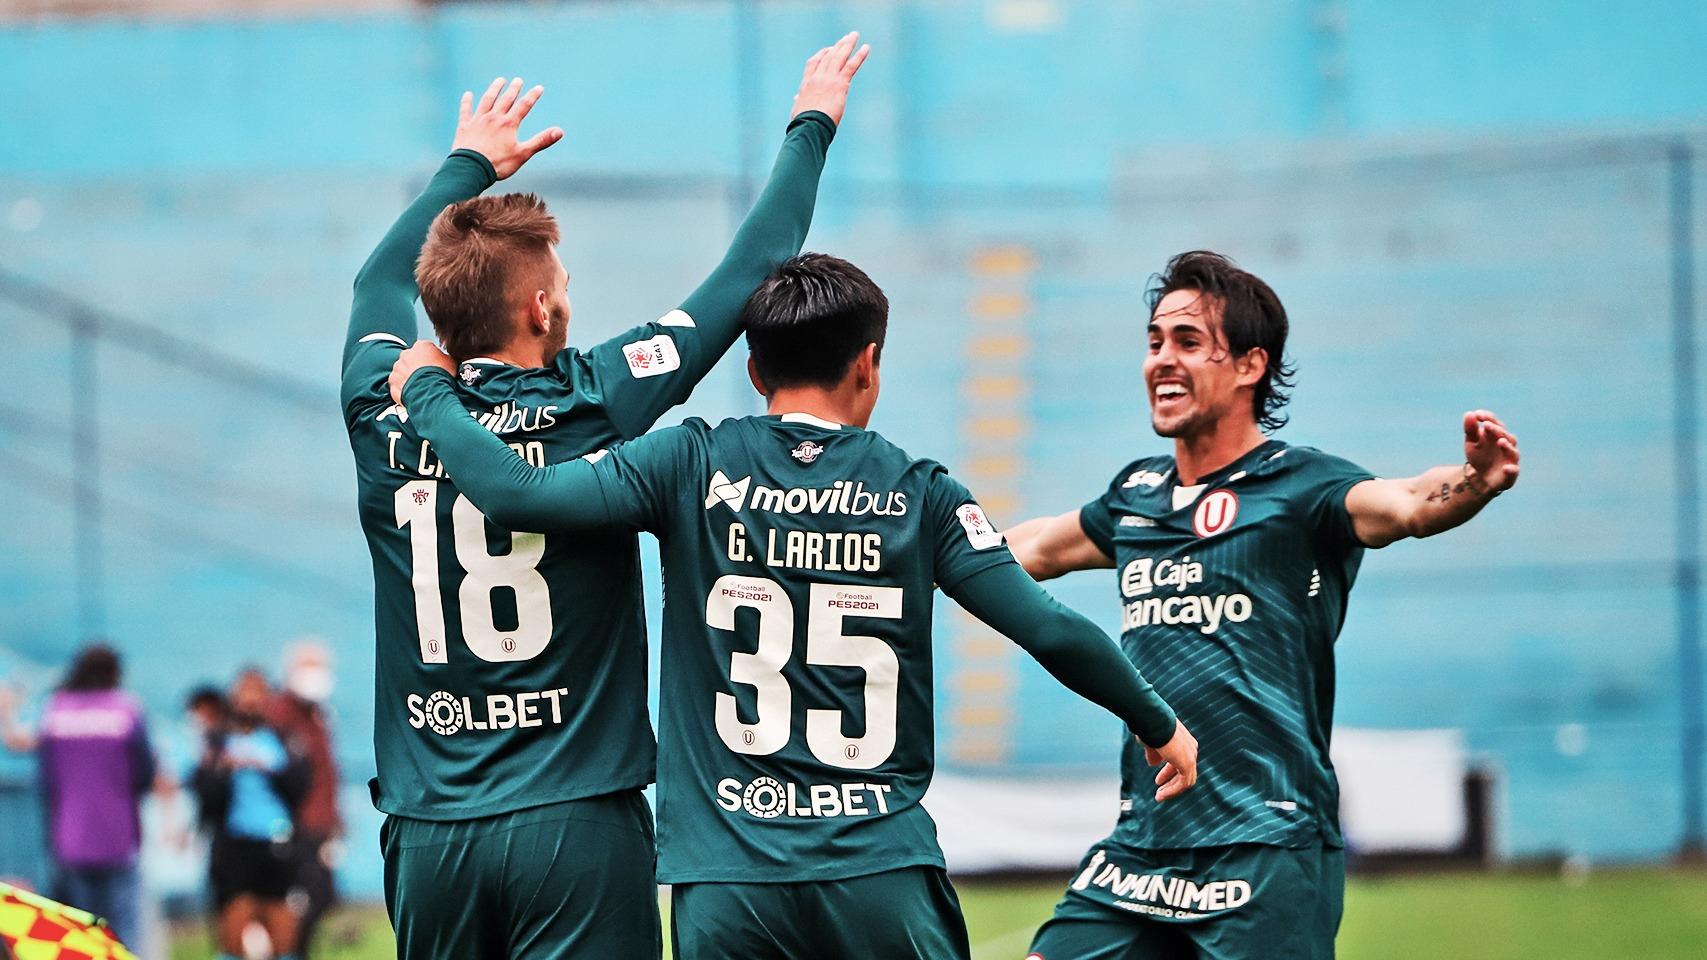 El gol de Tiago Cantoro en el 'U' contra San Martín.